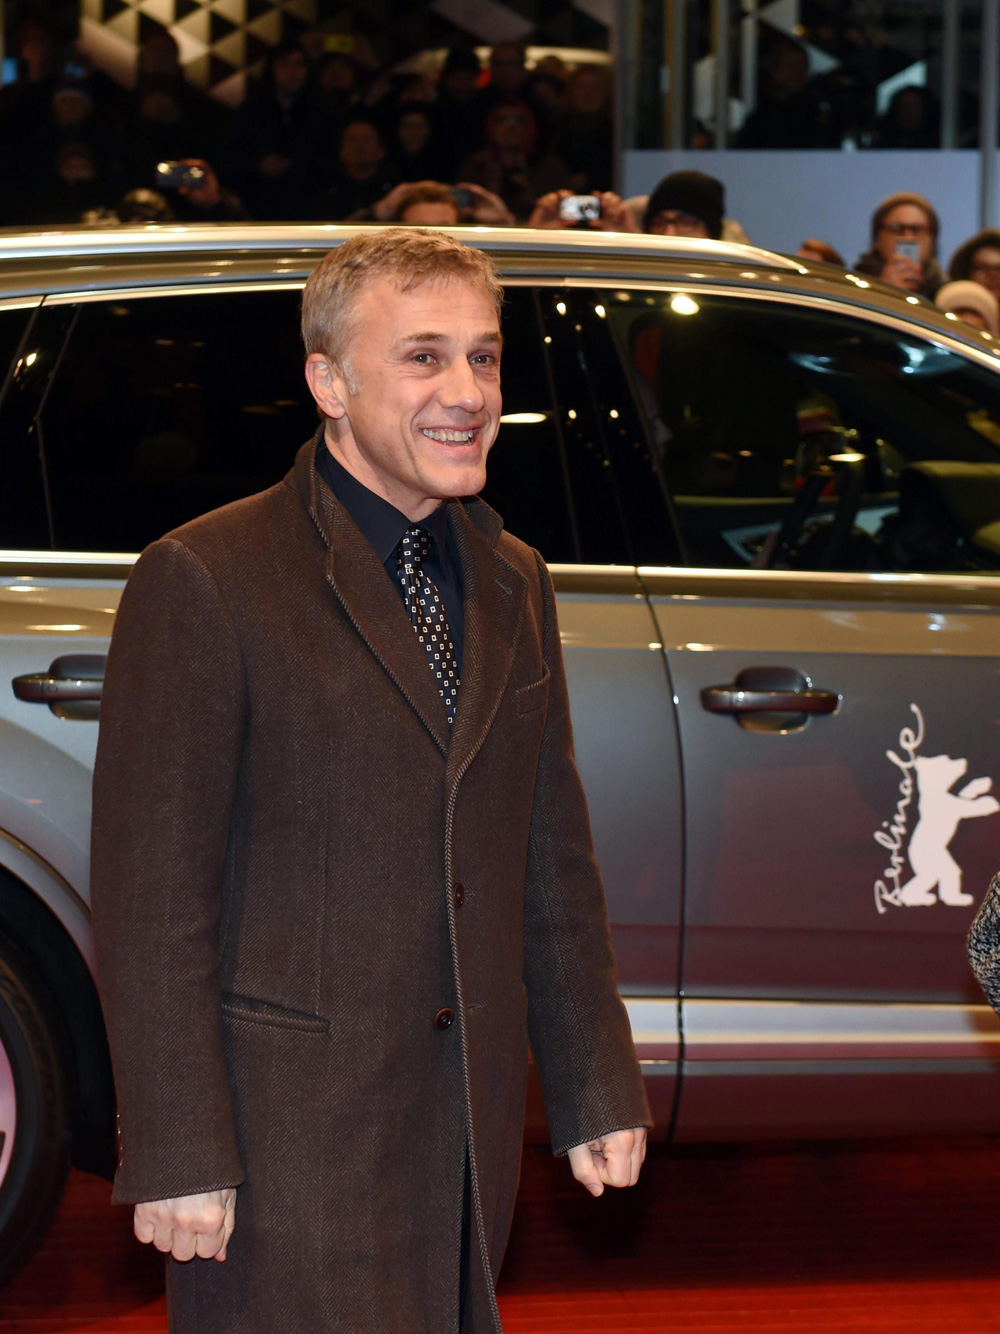 Berlinale 2015, l'arrivo di Natalie Portman e l'assenza di Léa Seydoux - Il doppio premio Oscar Christoph Waltz ha partecipato alla premiere del film <em>Diary of a Chambermaid</em>.